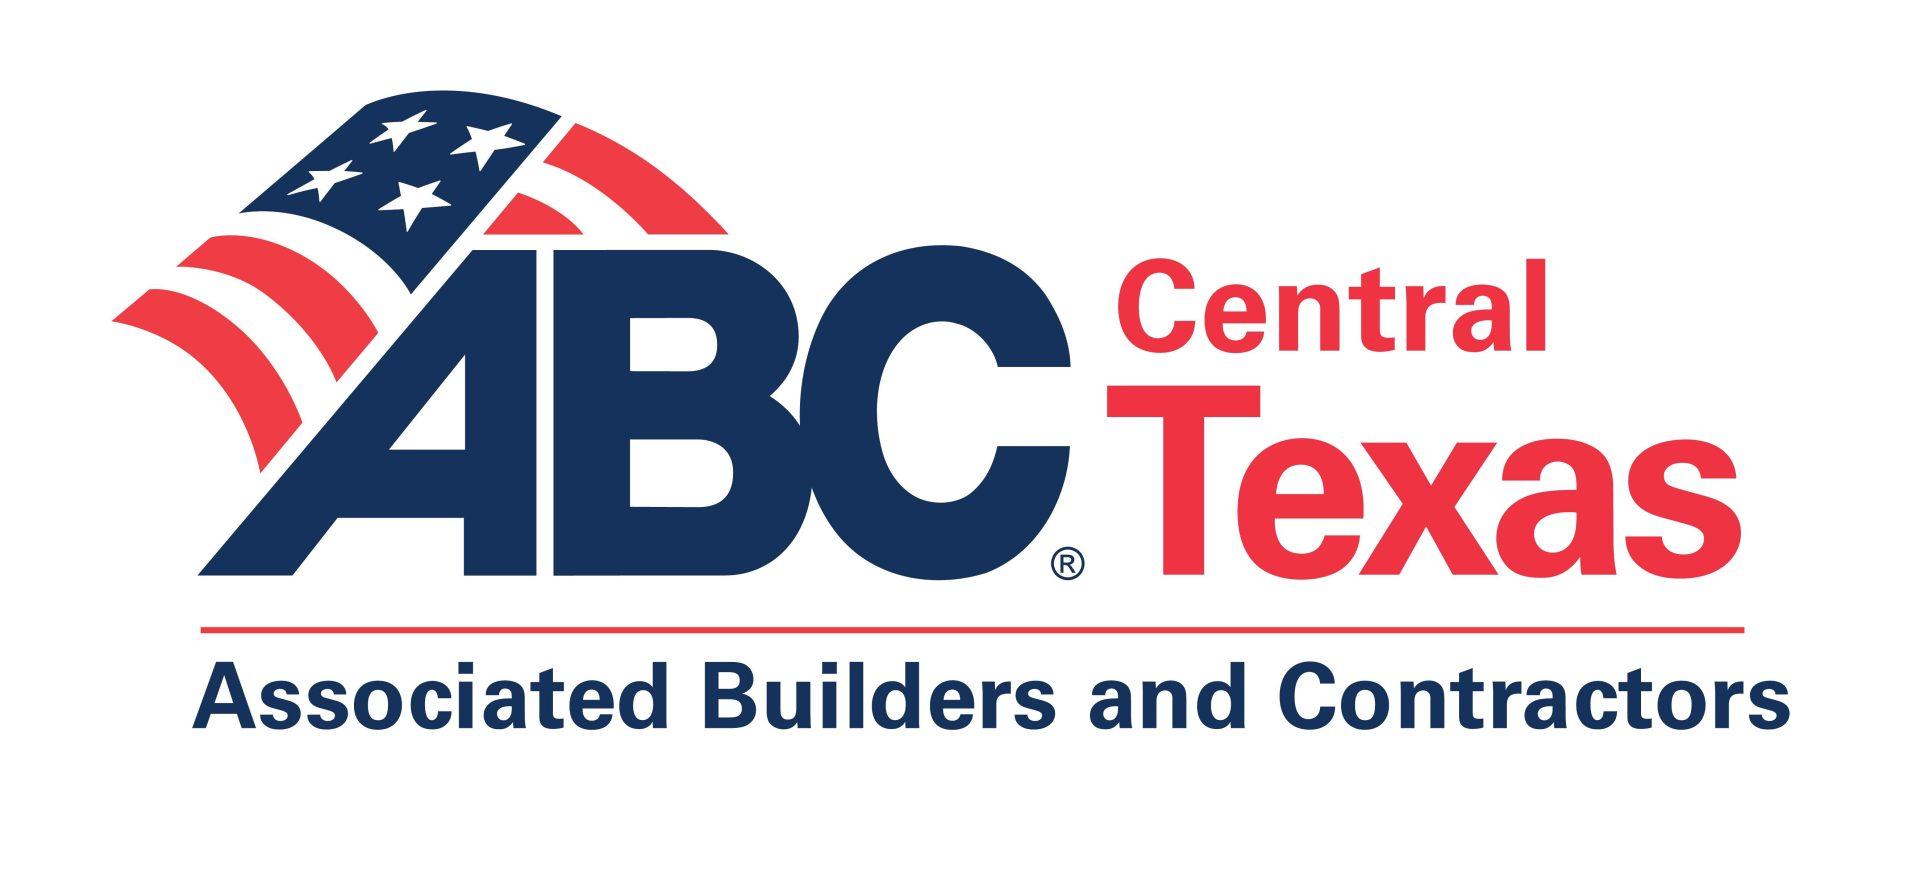 central texas